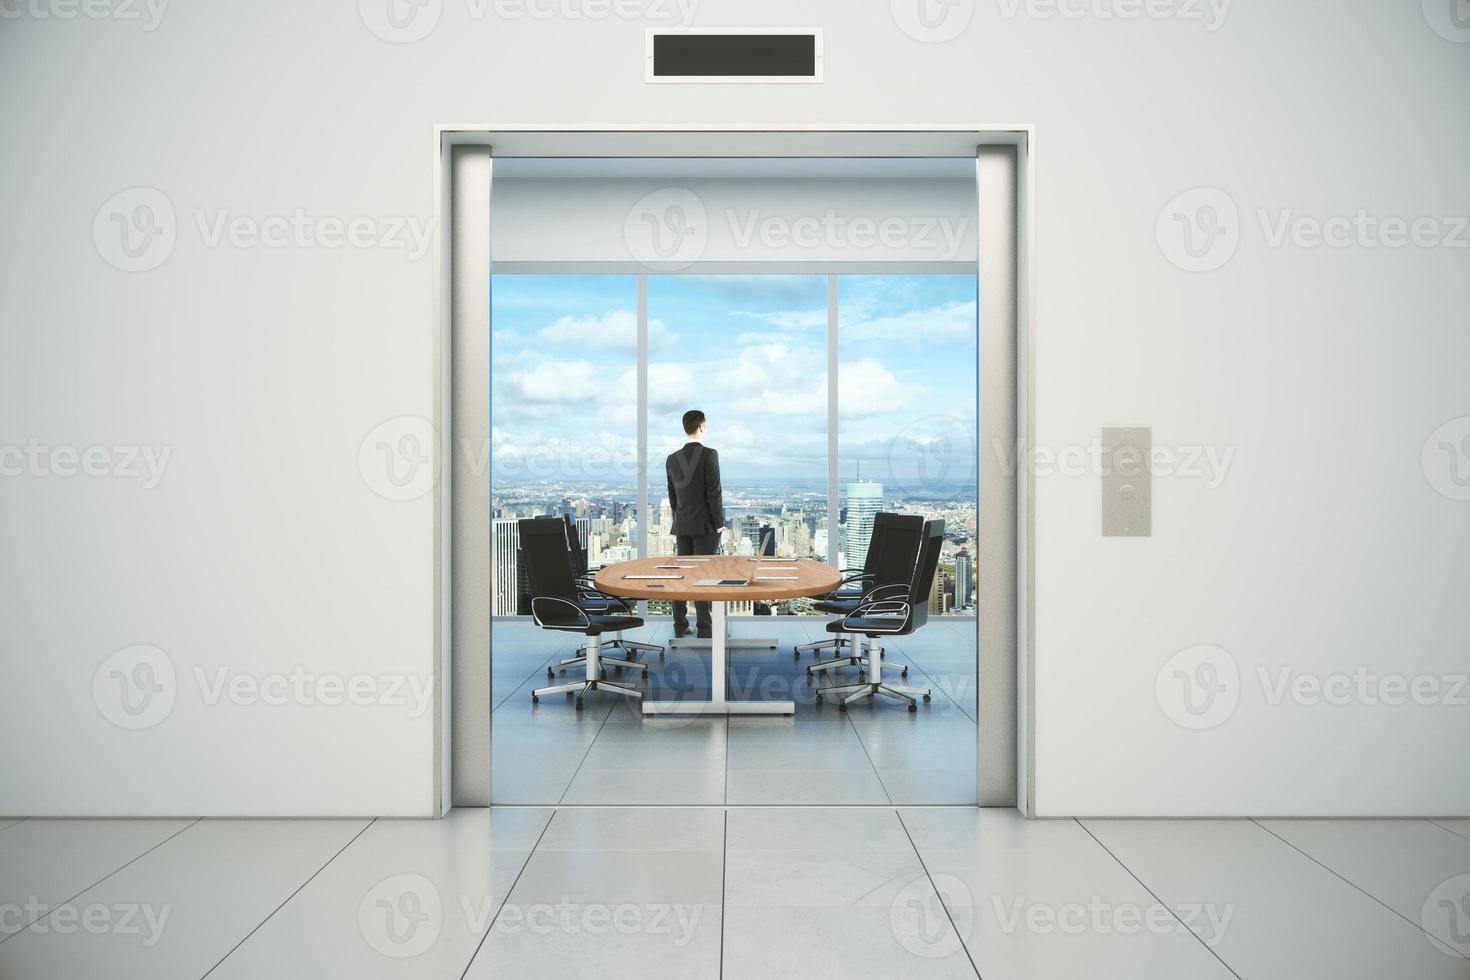 moderne vergaderruimte met uitzicht op de zakenman en de stad foto